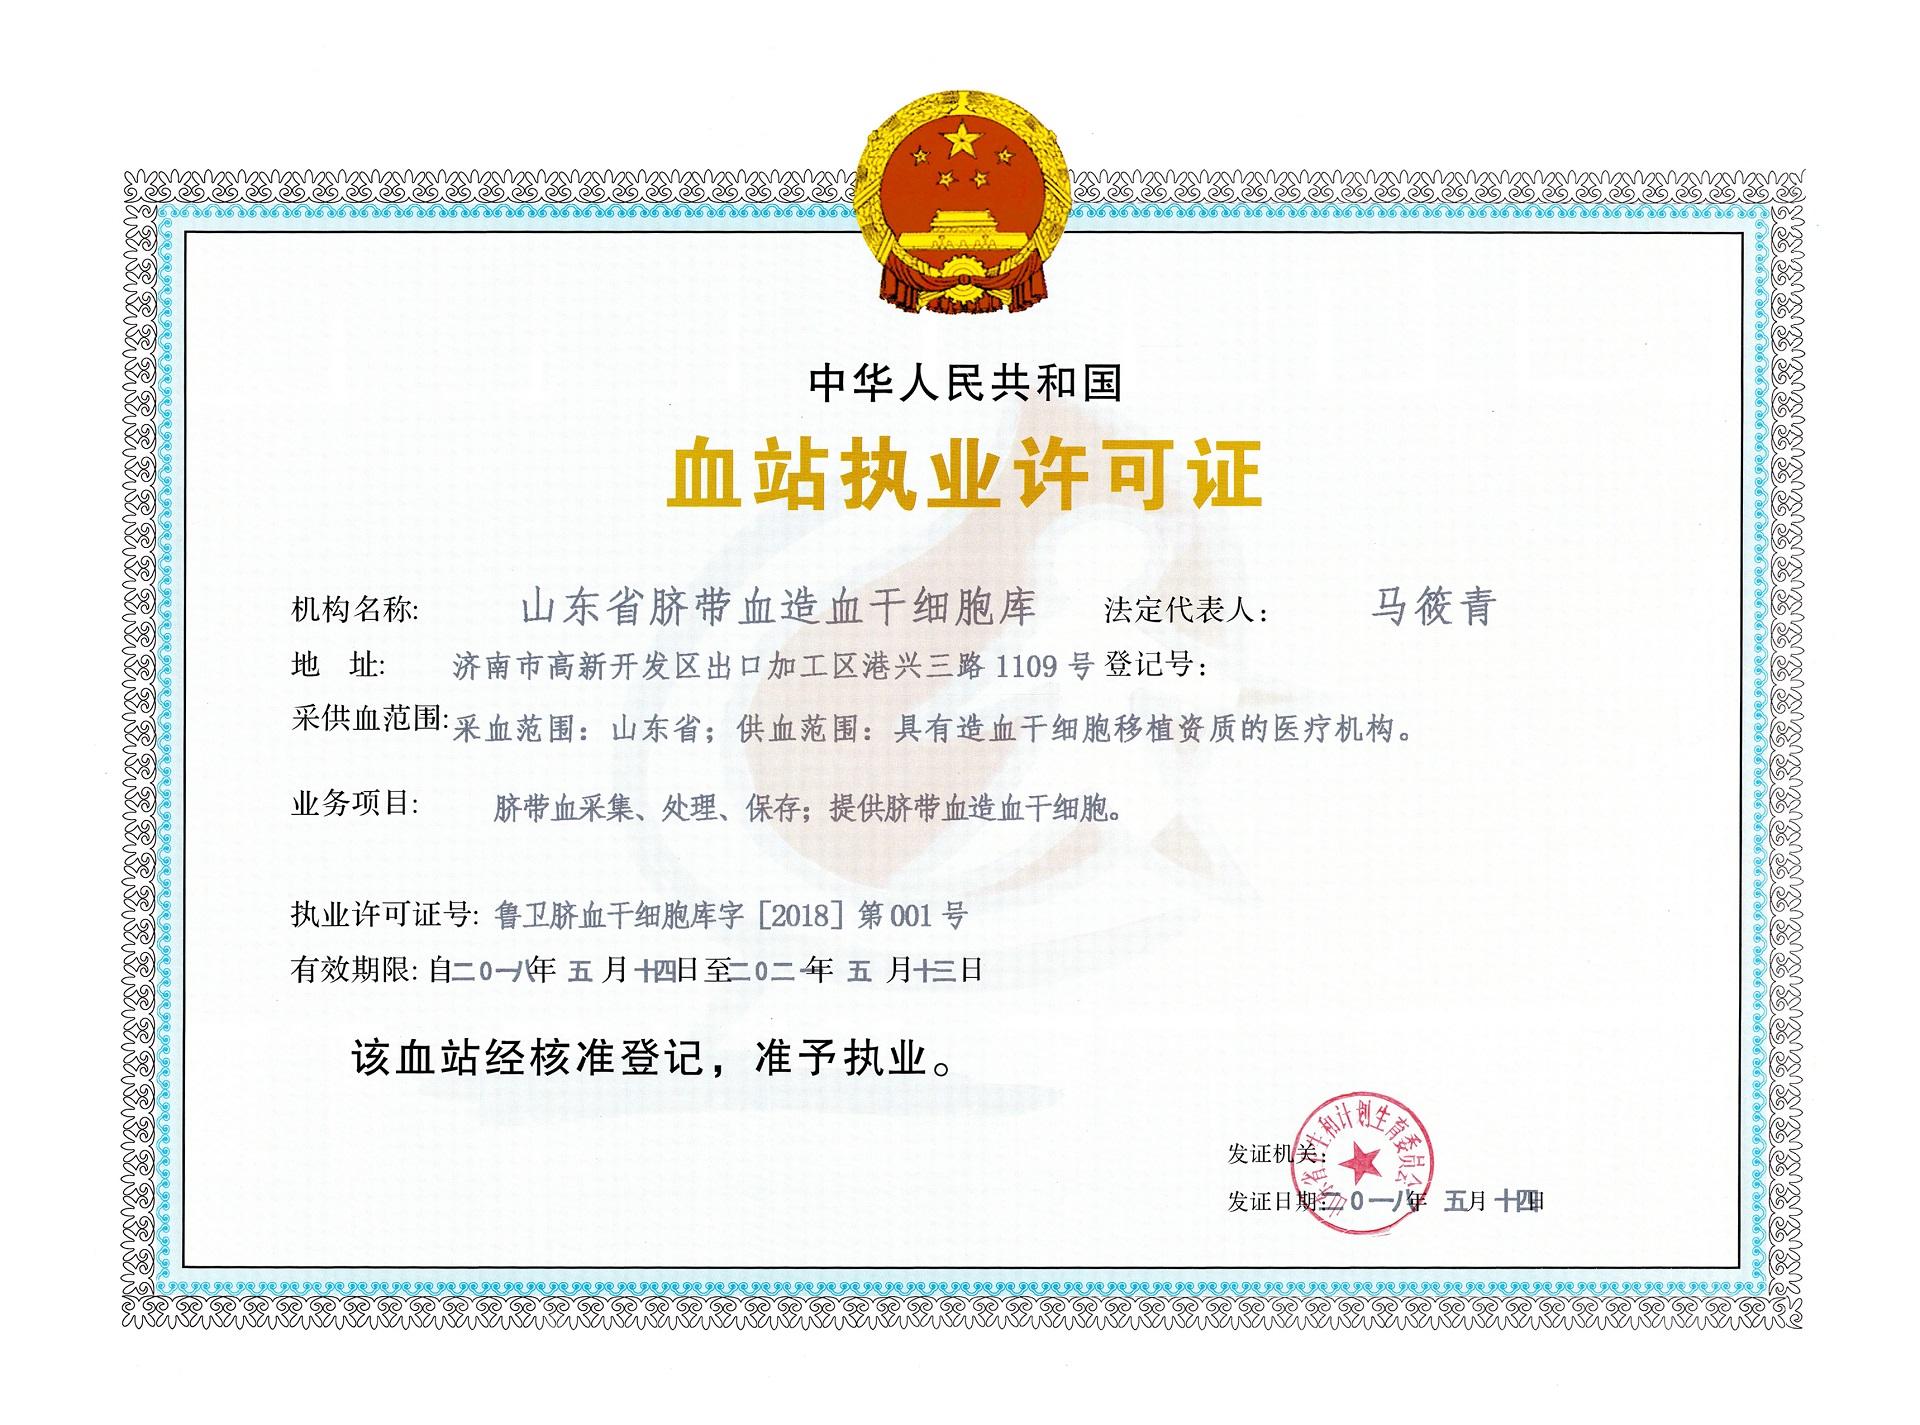 血站执业许可证